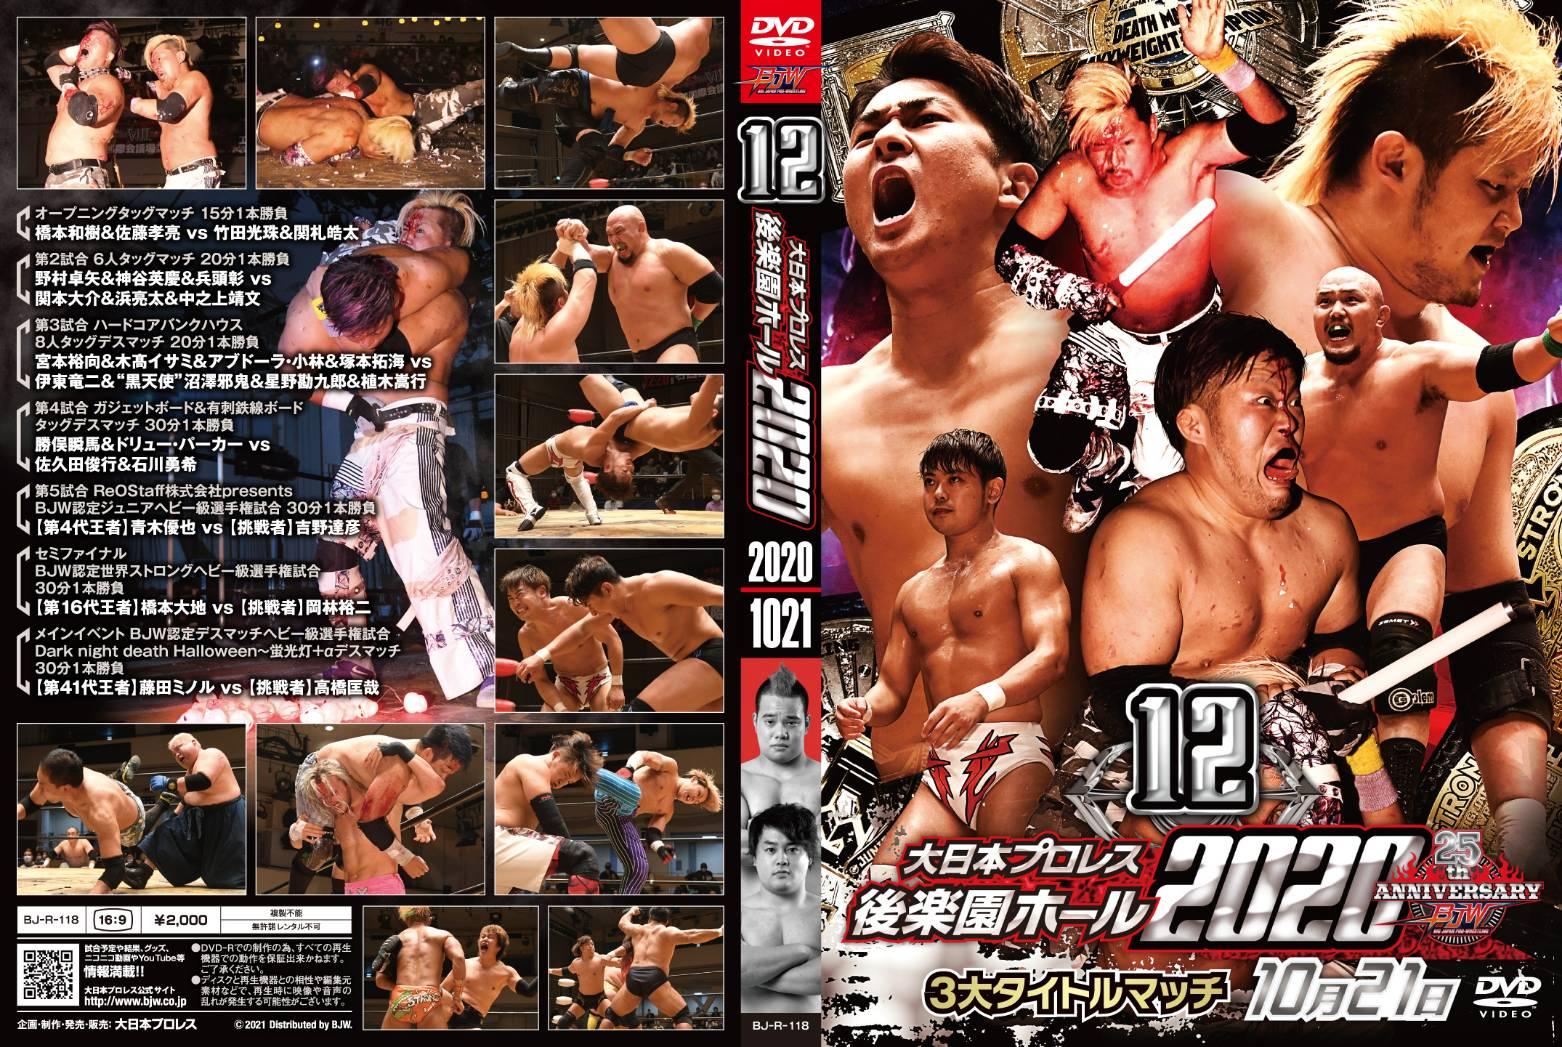 大日本プロレス後楽園ホール大会DVD-Rシリーズ「2020年第12弾:10月21日」